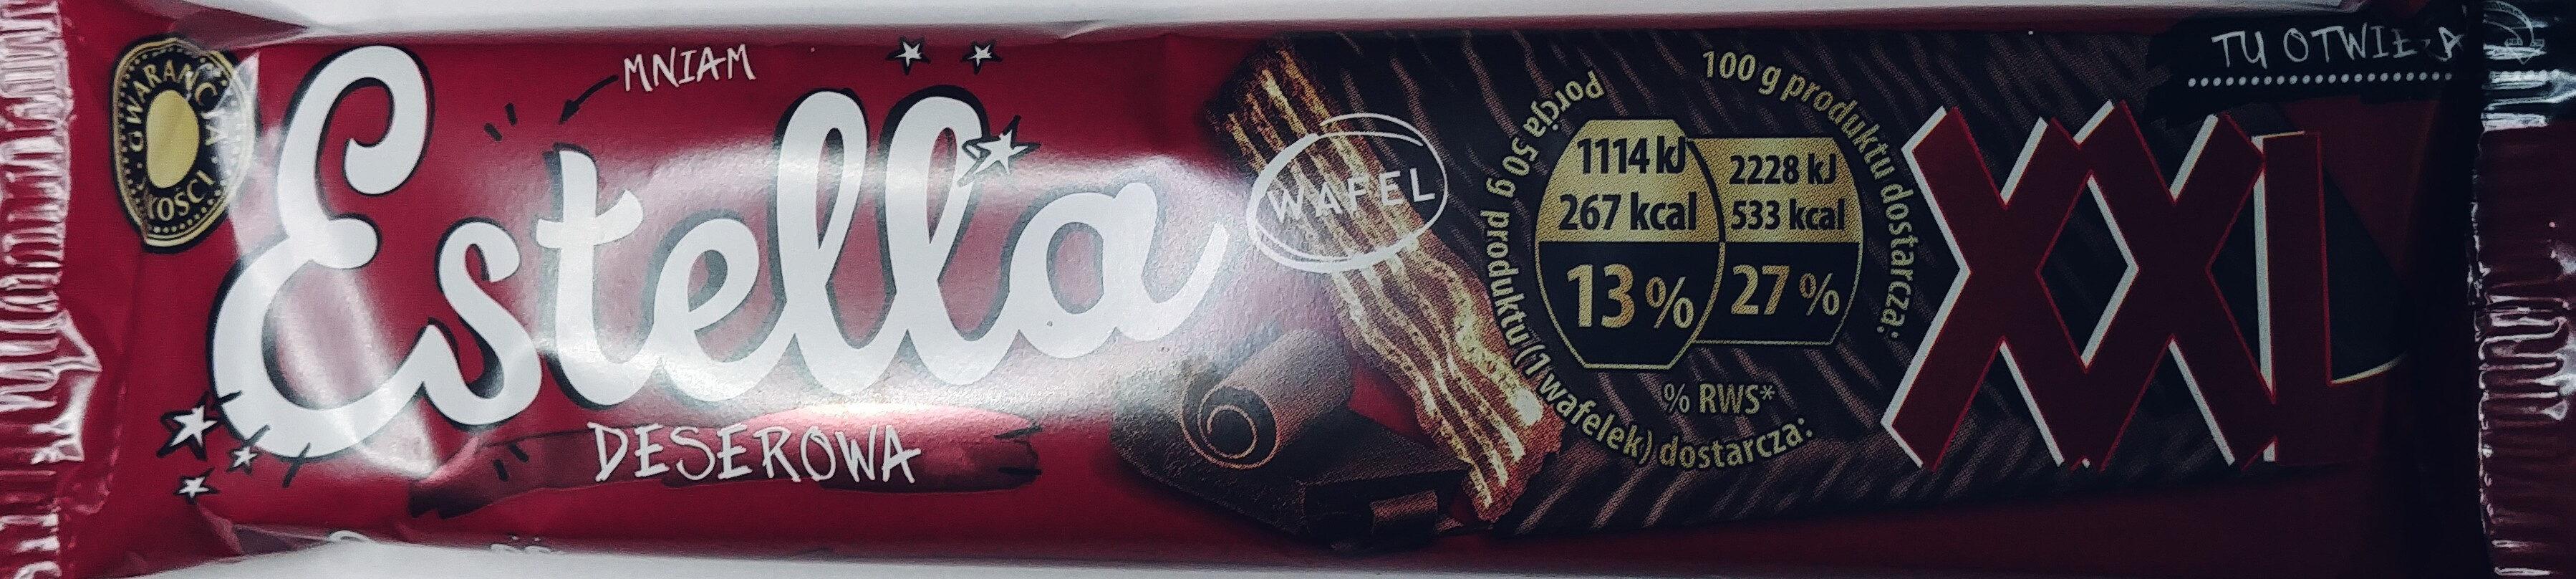 Wafel przekładany kremem kakaowym (52,9%) w czekoladzie - Produkt - pl